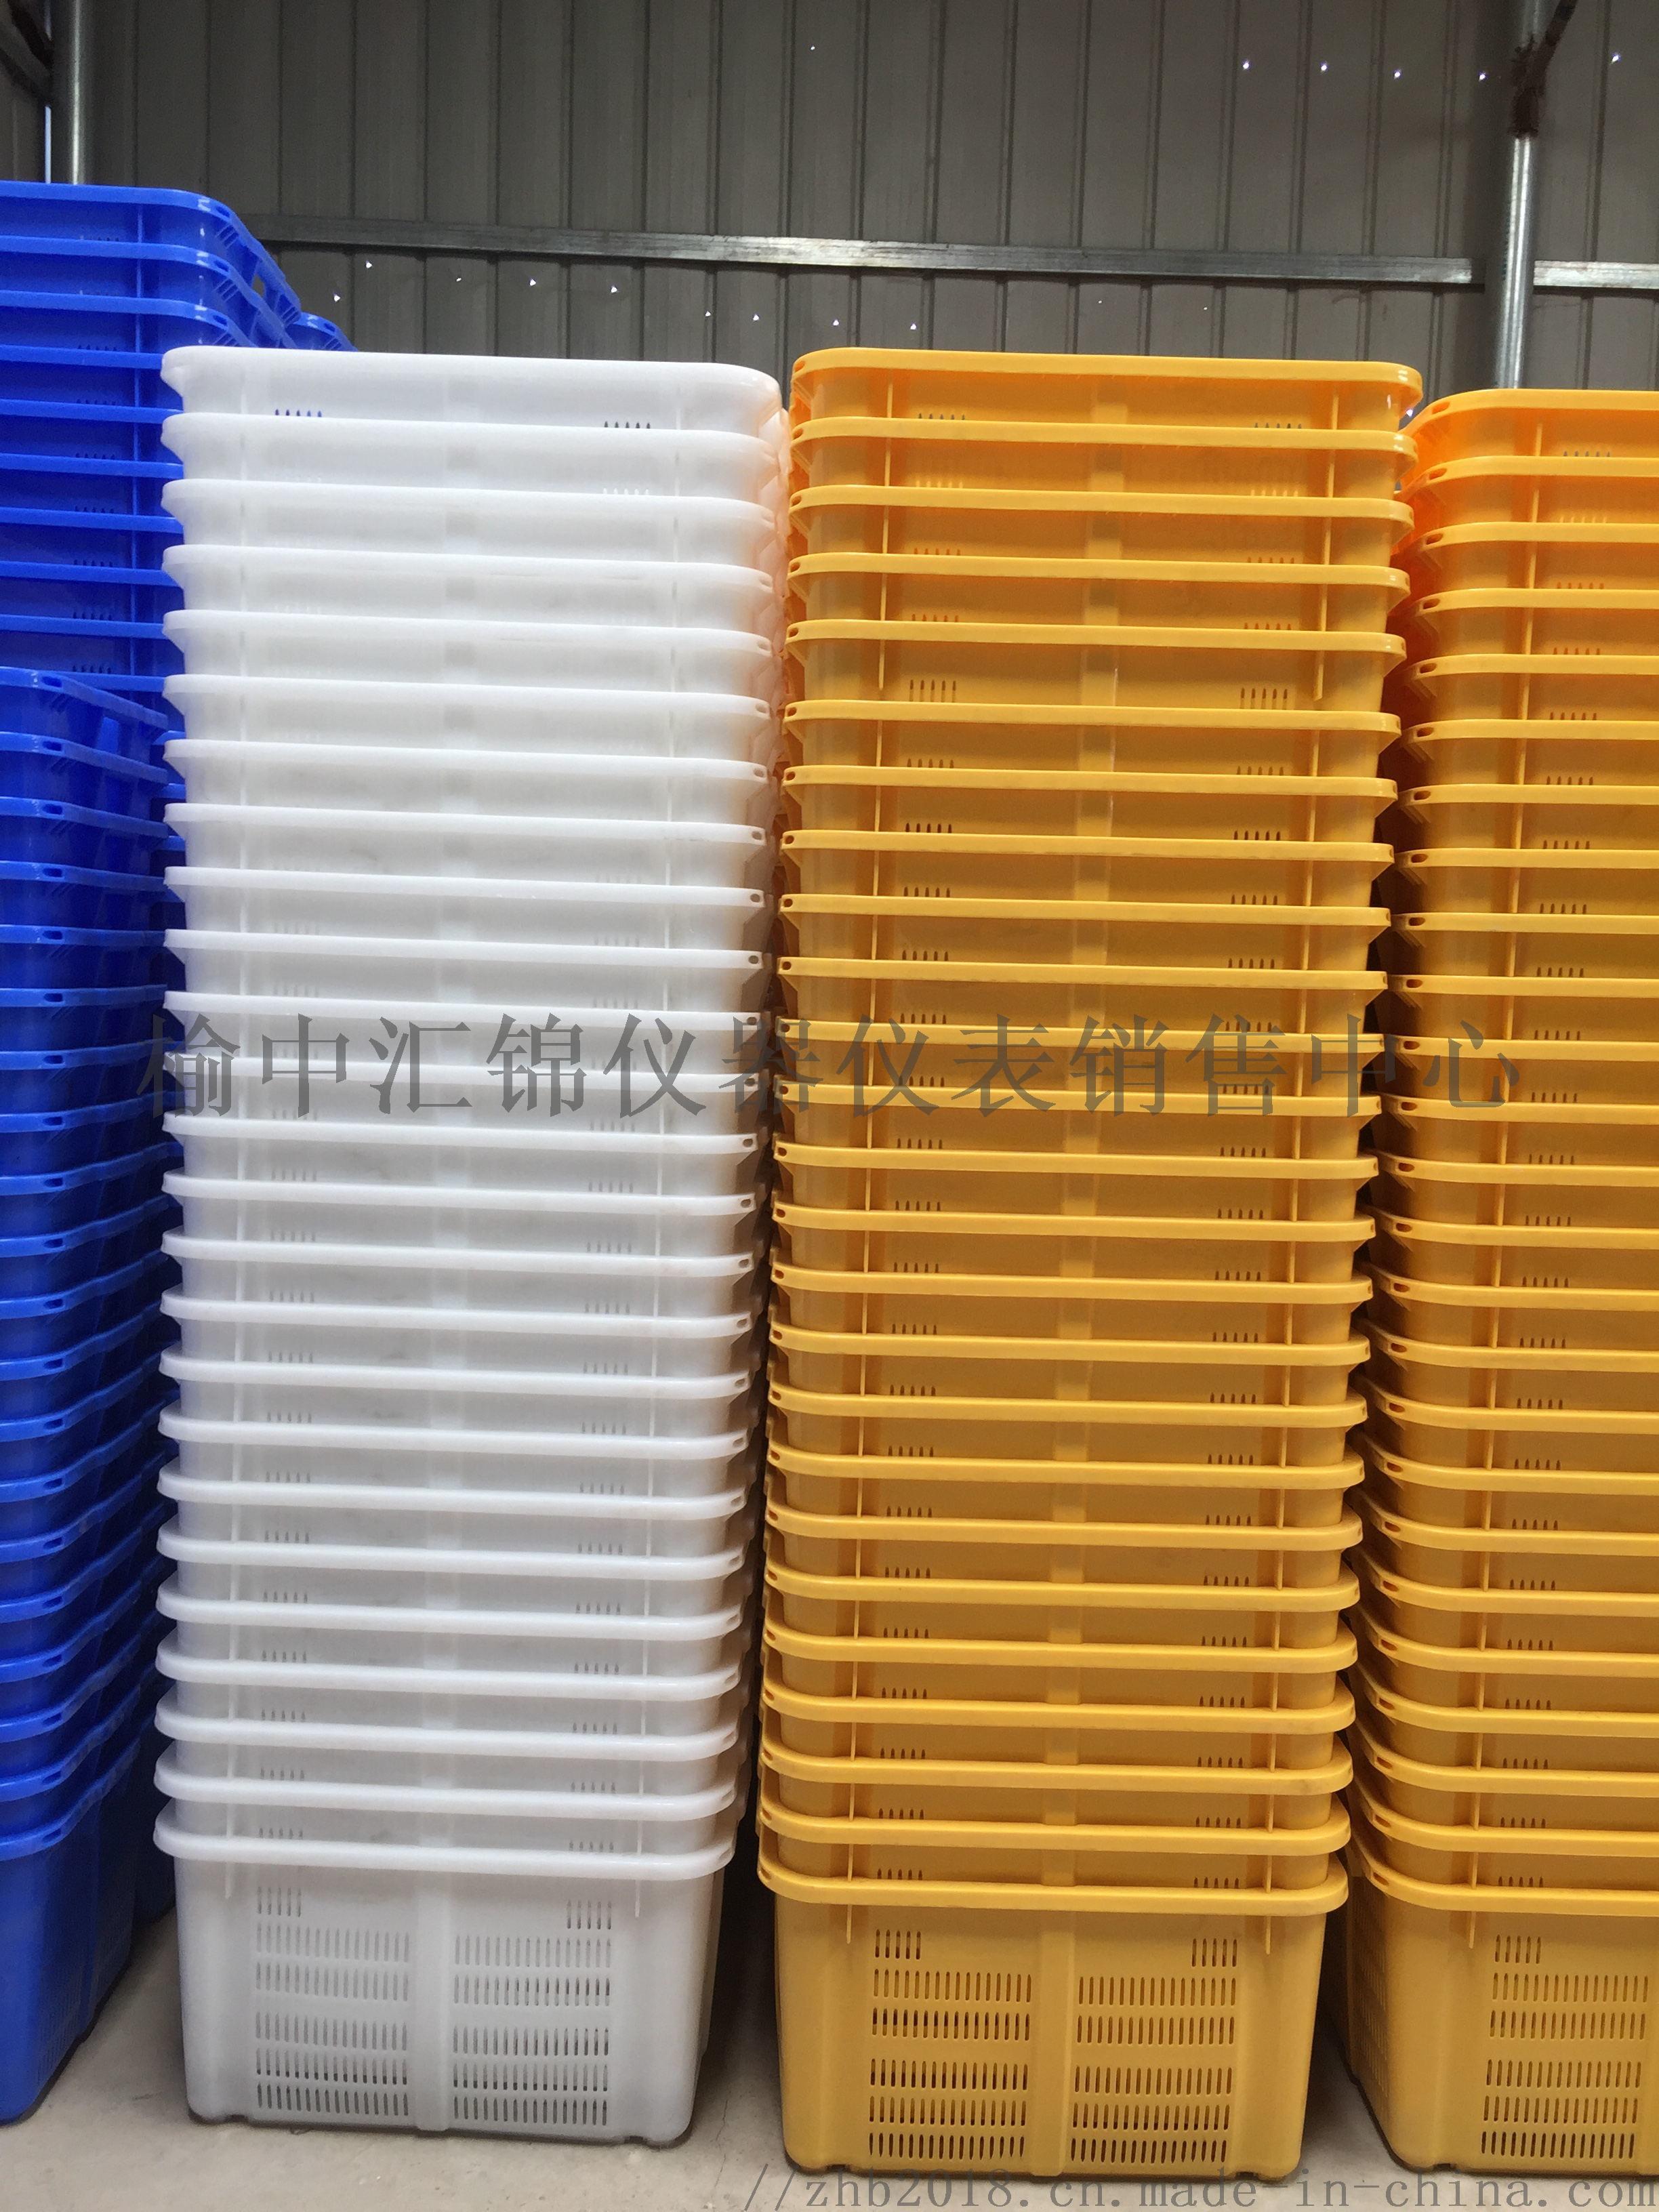 蘭州哪余有賣塑料筐13919031250876159765